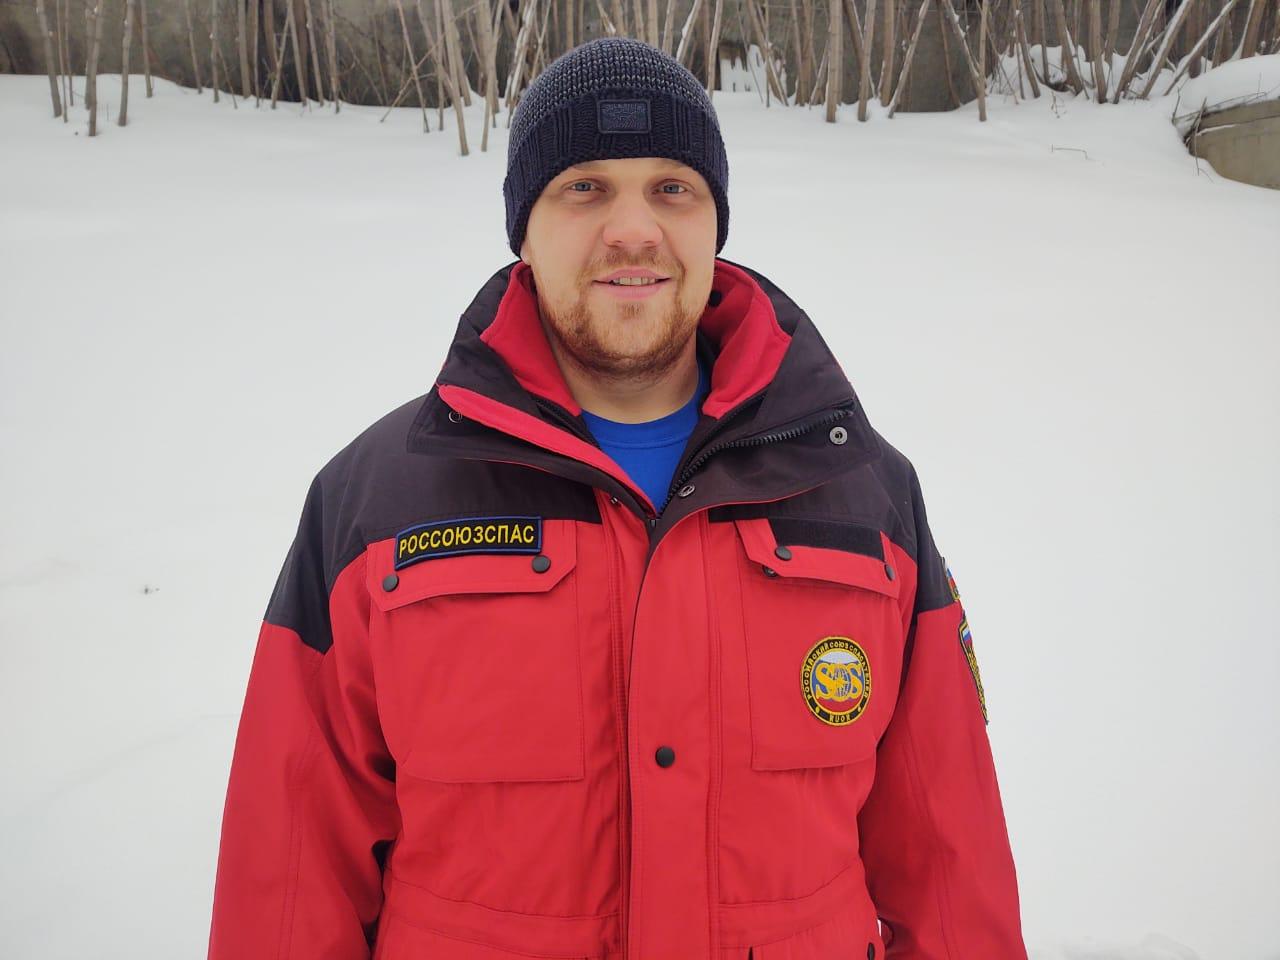 Алексей Зеленкин профессиональный спасатель